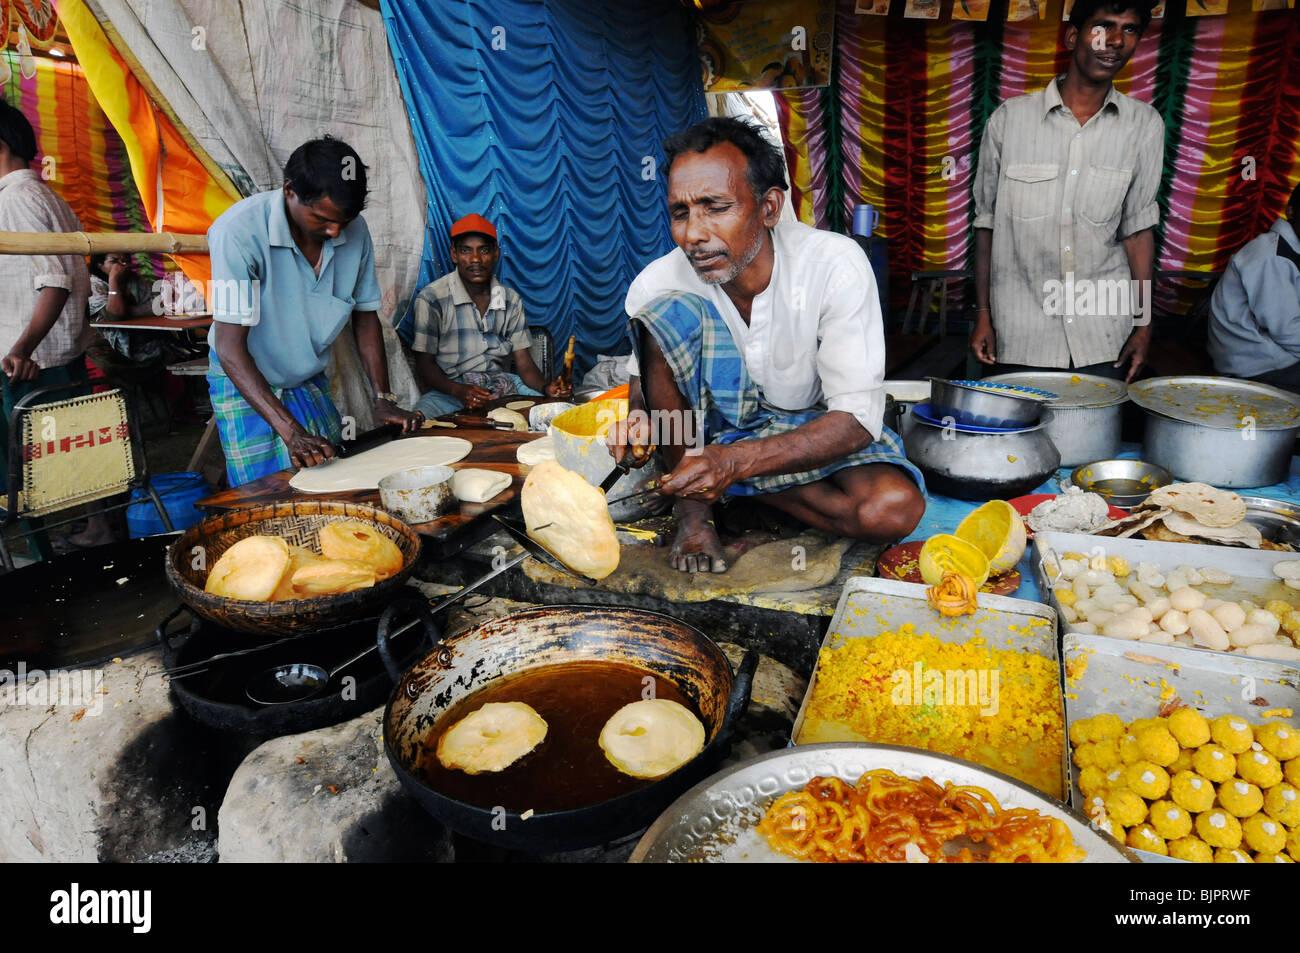 Sadhu Ganja Stock Photos & Sadhu Ganja Stock Images - Alamy